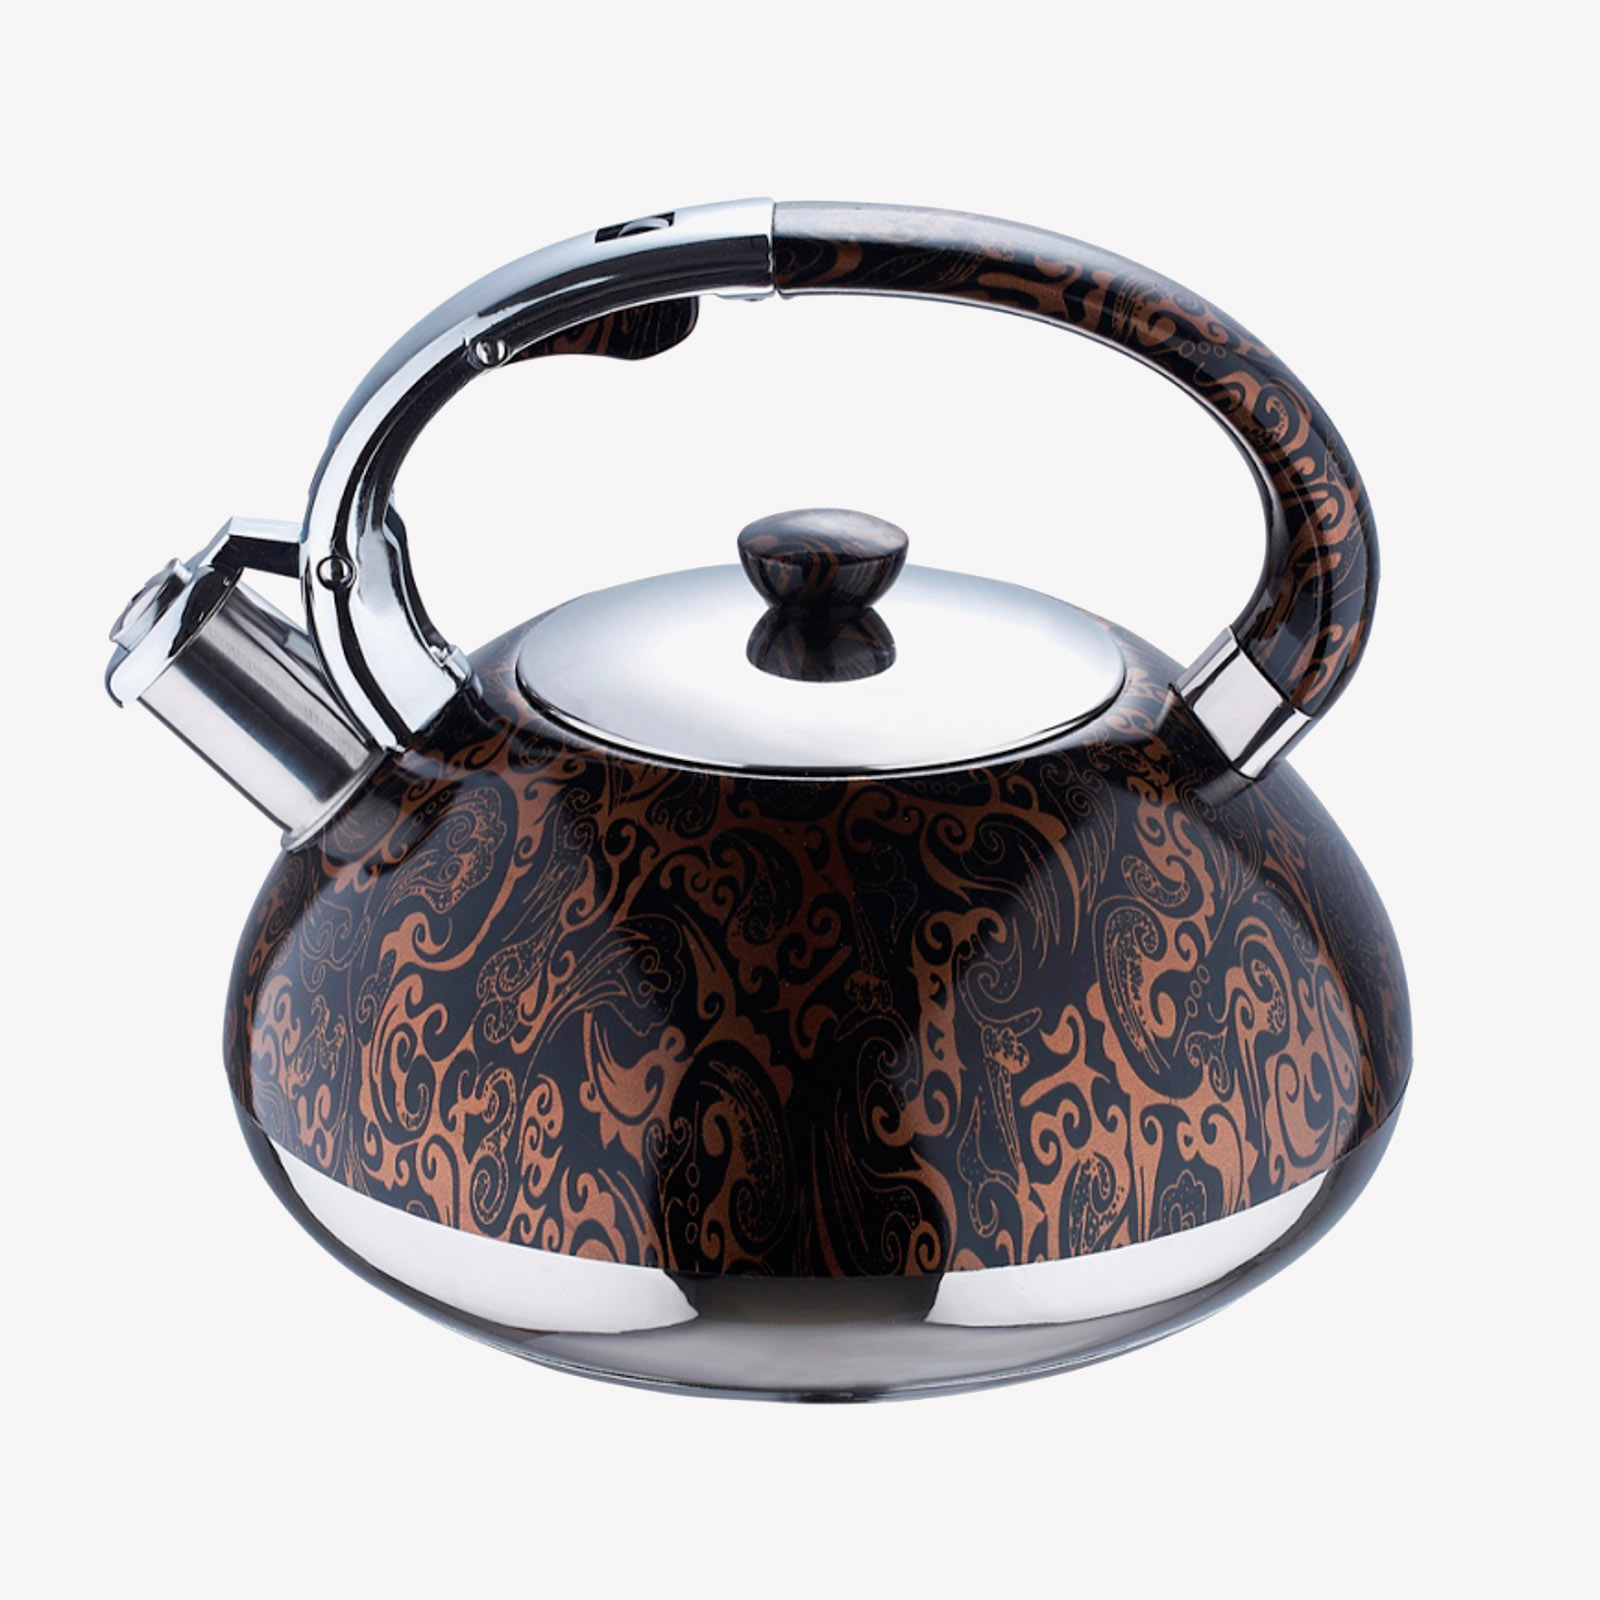 Чайник «Унция наслаждения», 3 литра